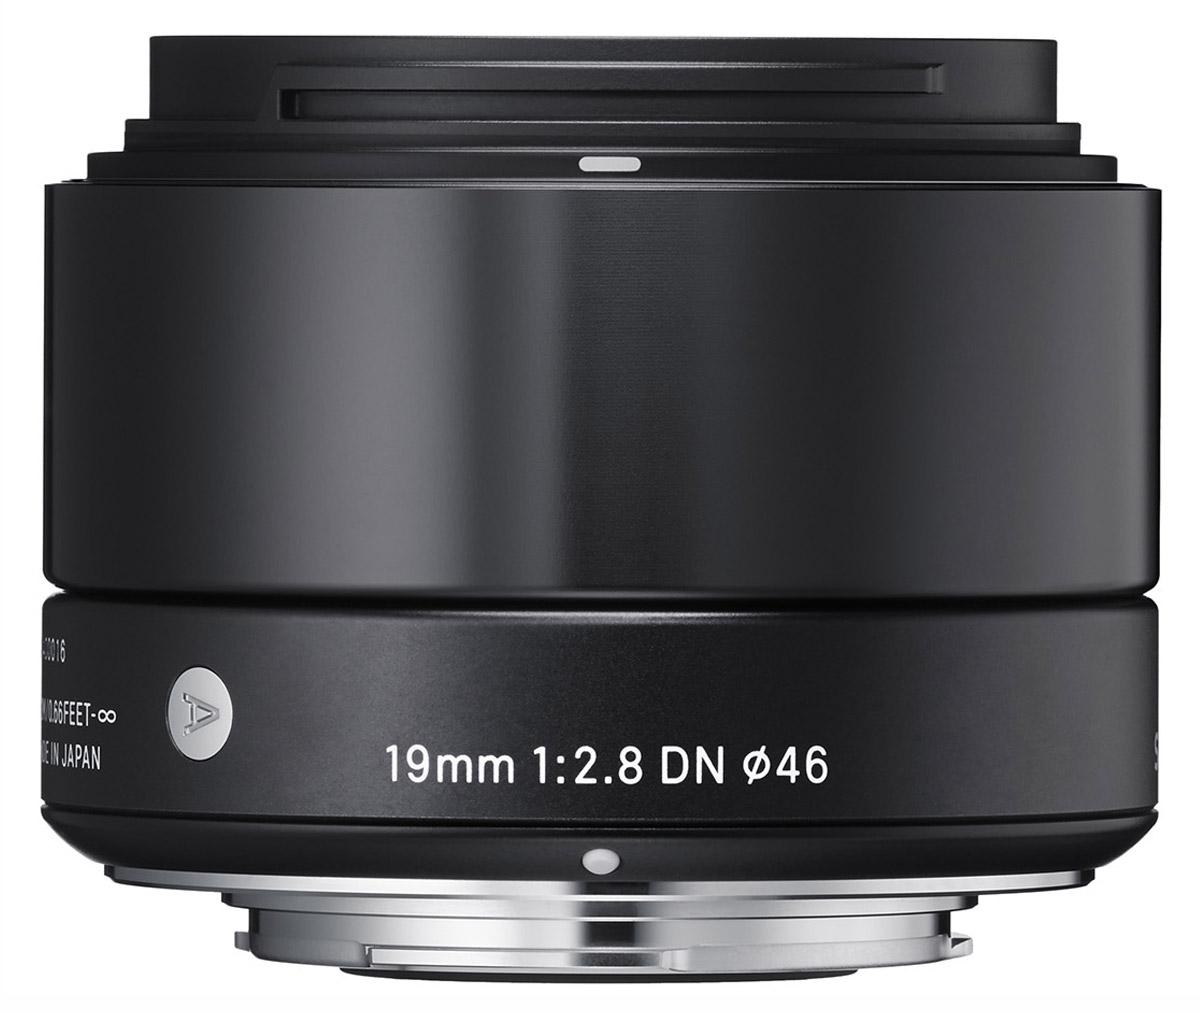 Sigma AF 19mm f/2.8 DN/A, Black широкоугольный объектив для Micro 4/340B963Sigma AF 19mm f/2.8 DN/A - широкоугольный объектив, созданный с применением передовых оптических технологий для любых сюжетов, особенно для съемки пейзажей и в помещениях.Легкая и компактная конструкция объектива имеет длину 45,7 мм и прекрасно сочетается с габаритами беззеркальных фотоаппаратов. Обладая широким углом обзора объектив очень удобен для фотосъемки в помещениях, а также повседневной фотографии. Кроме этого, значительно улучшена функциональность.Простая форма кольца фокусировки, различие текстур каждой части, использование металла как основного материала и цельный корпус – все это составляющие дизайна Sigma AF 19mm f/2.8 DN/A.Использование трех высококачественных литых асферических элементов обеспечивает превосходное исправление искажений и других видов аберрации. Система внутренней фокусировки корректирует колебания для поддержания качества изображения независимо от положения фокуса.Закругленная 7-лепестковая диафрагма создает привлекательное размытие изображения, находящегося не в фокусе. Минимальная дистанция фокусировки равна 20 см, в то время как максимальный коэффициент увеличения составляет 1:7.4.Объектив имеет линейный двигатель AF, который перемещает линзу без необходимости использования дополнительных механических частей. Эта система обеспечивает быструю и бесшумную автофокусировку, что позволяет использовать данную модель как для записи видео, так и для съемки фотографий.